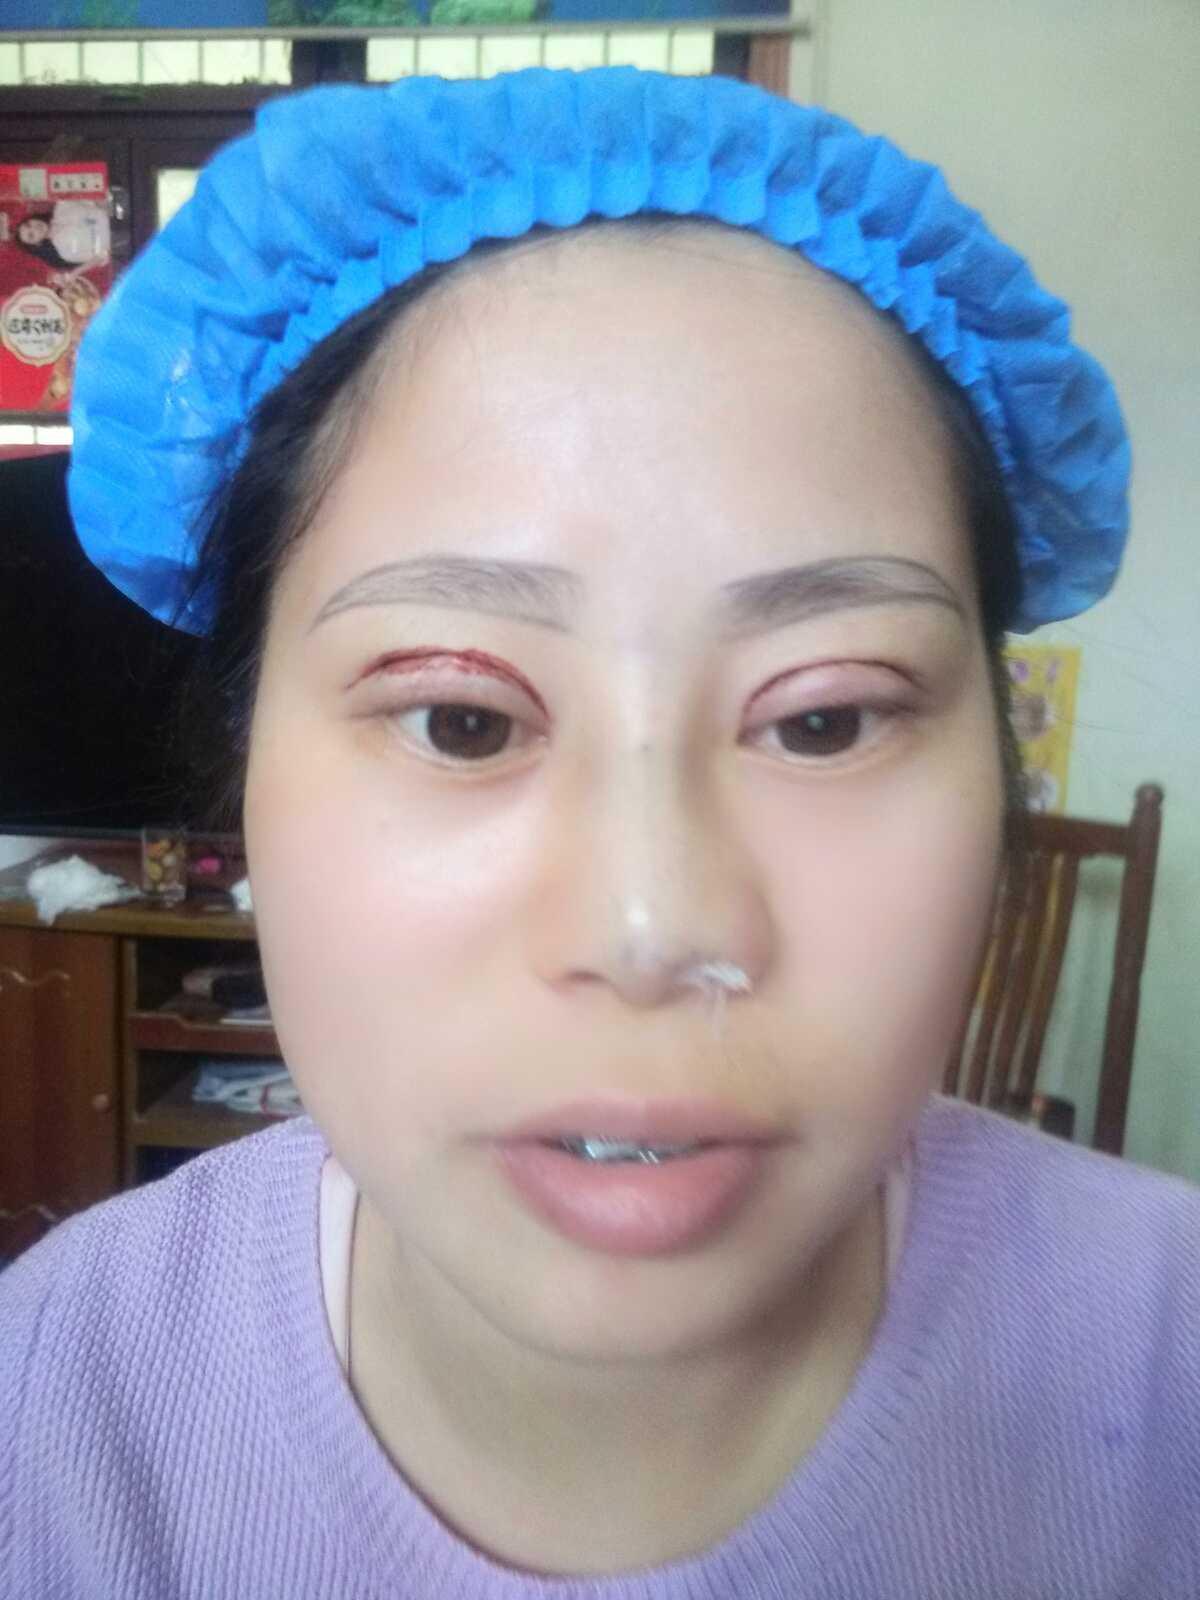 鼻子微整形效果好吗,刚刚完成眼睛鼻子  开始设计眉型